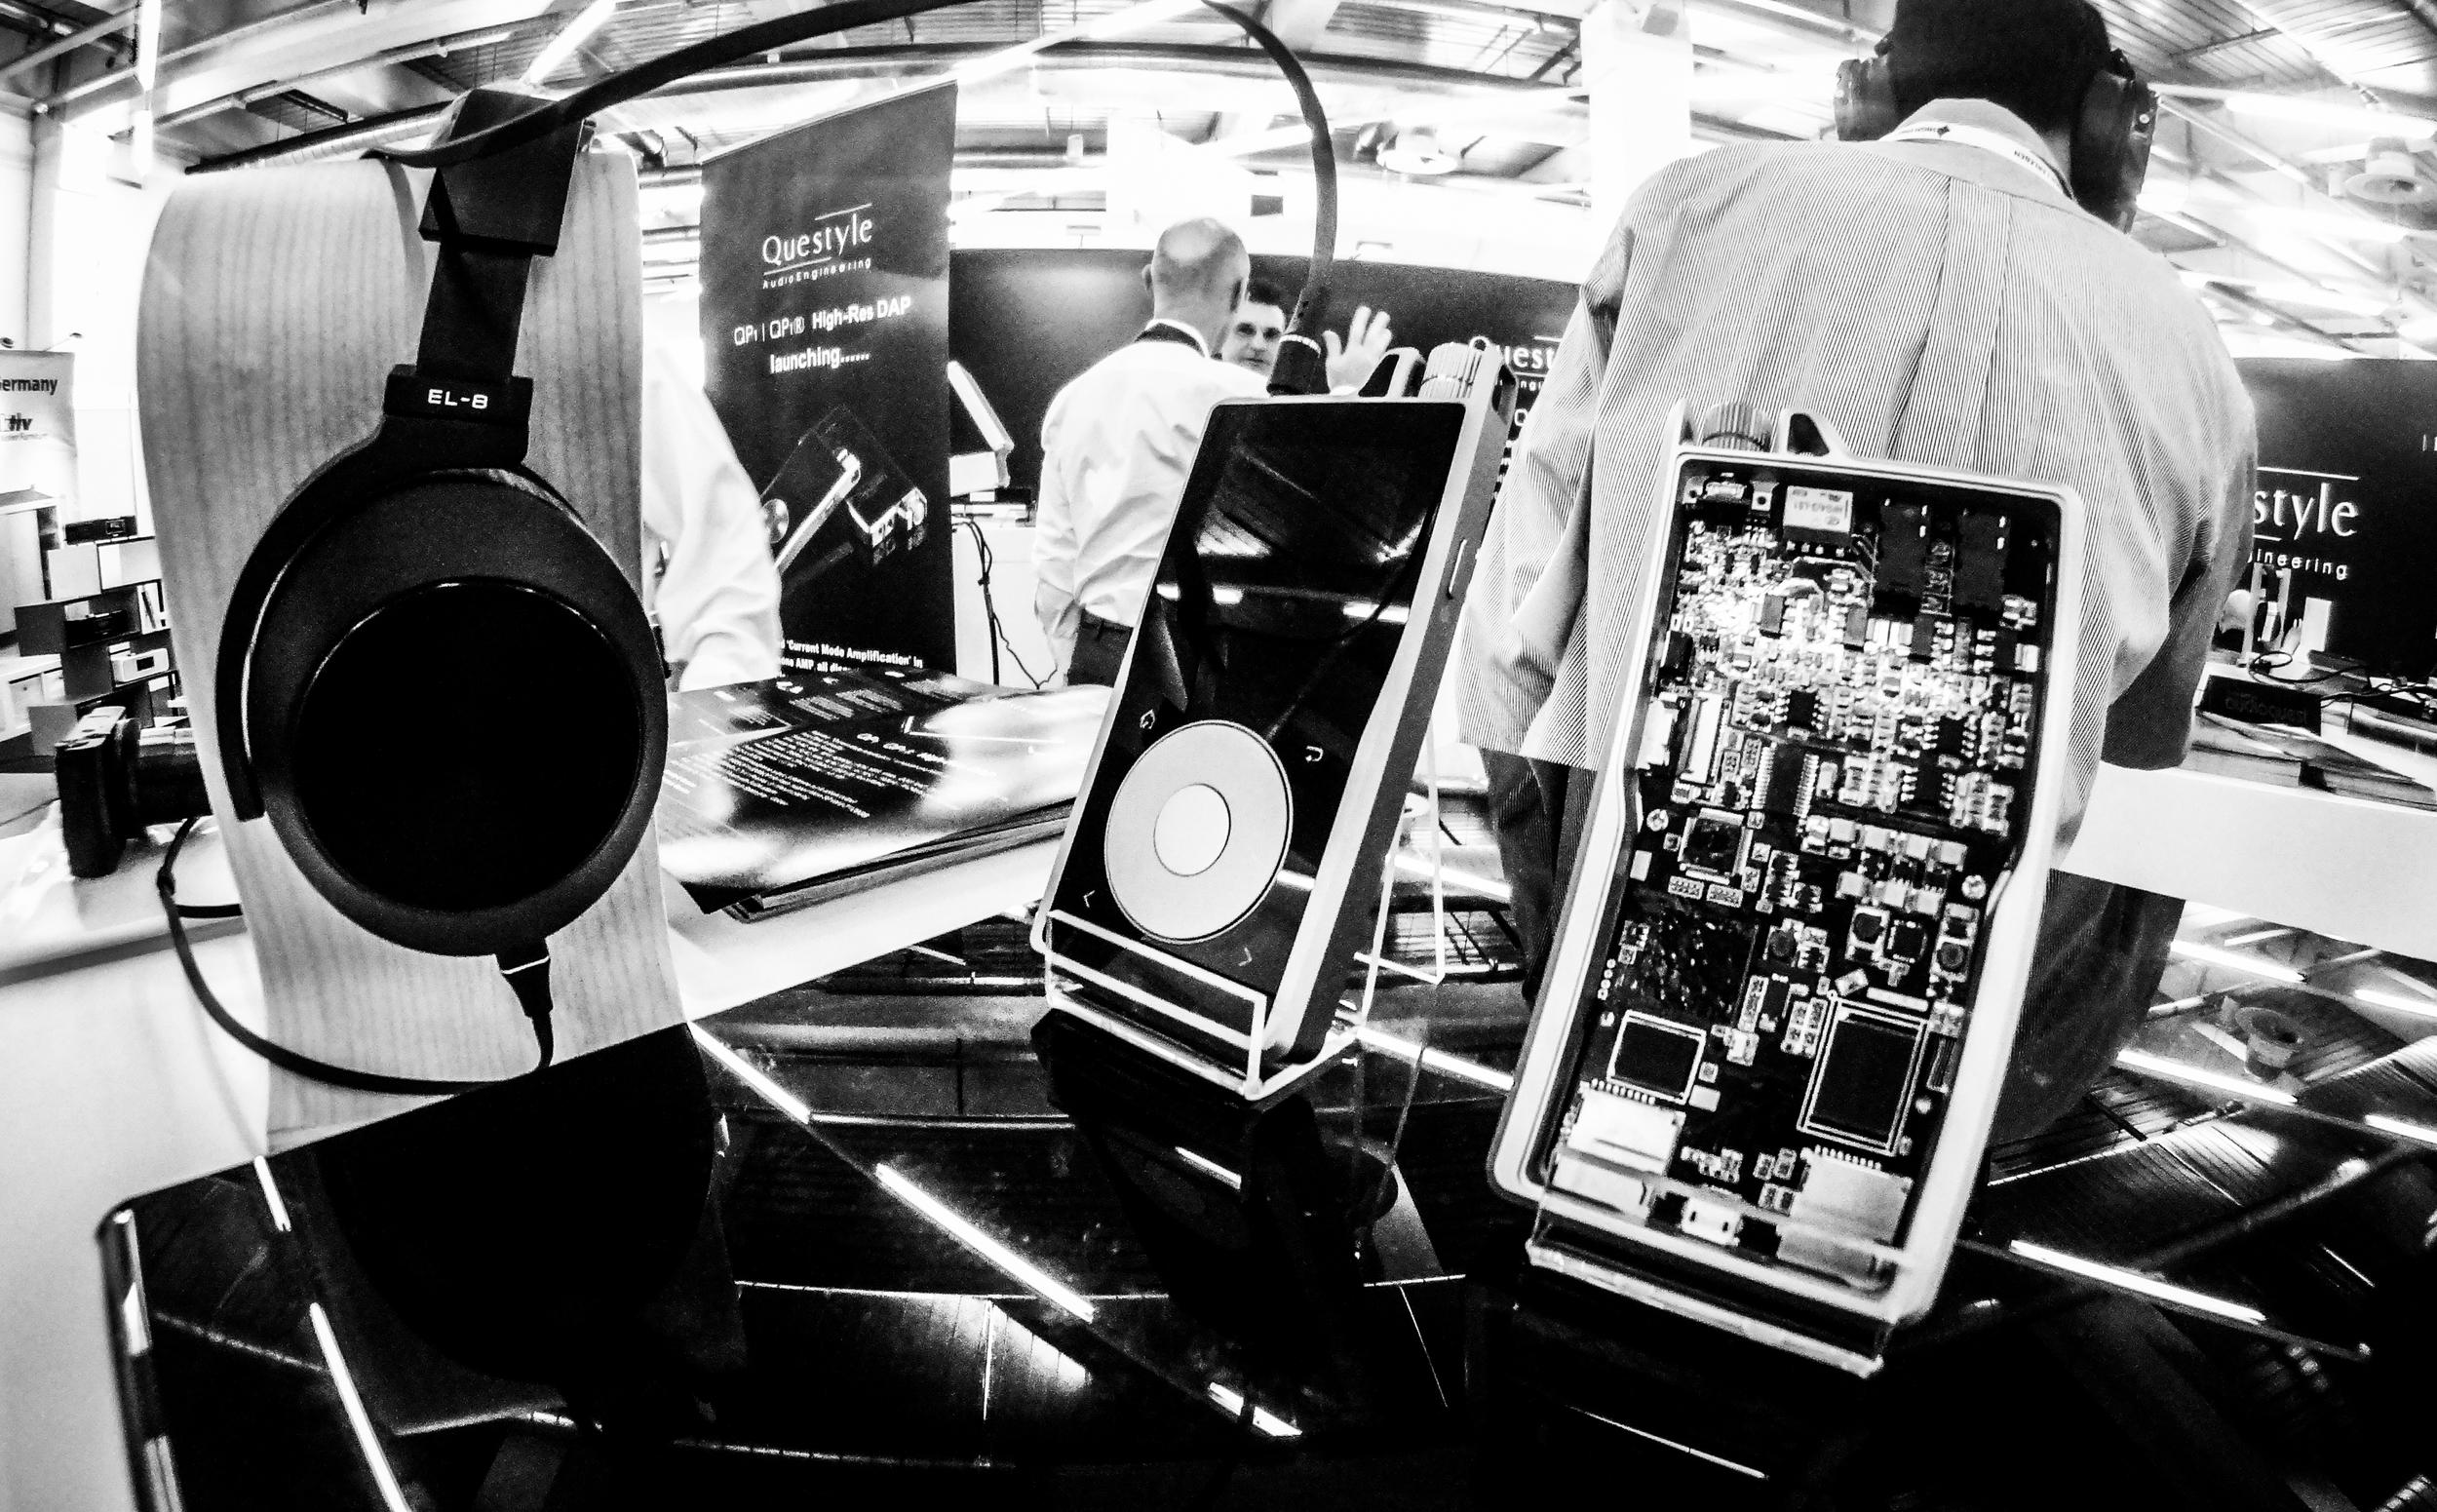 Questyle Audio QP1 Audiophile DAP